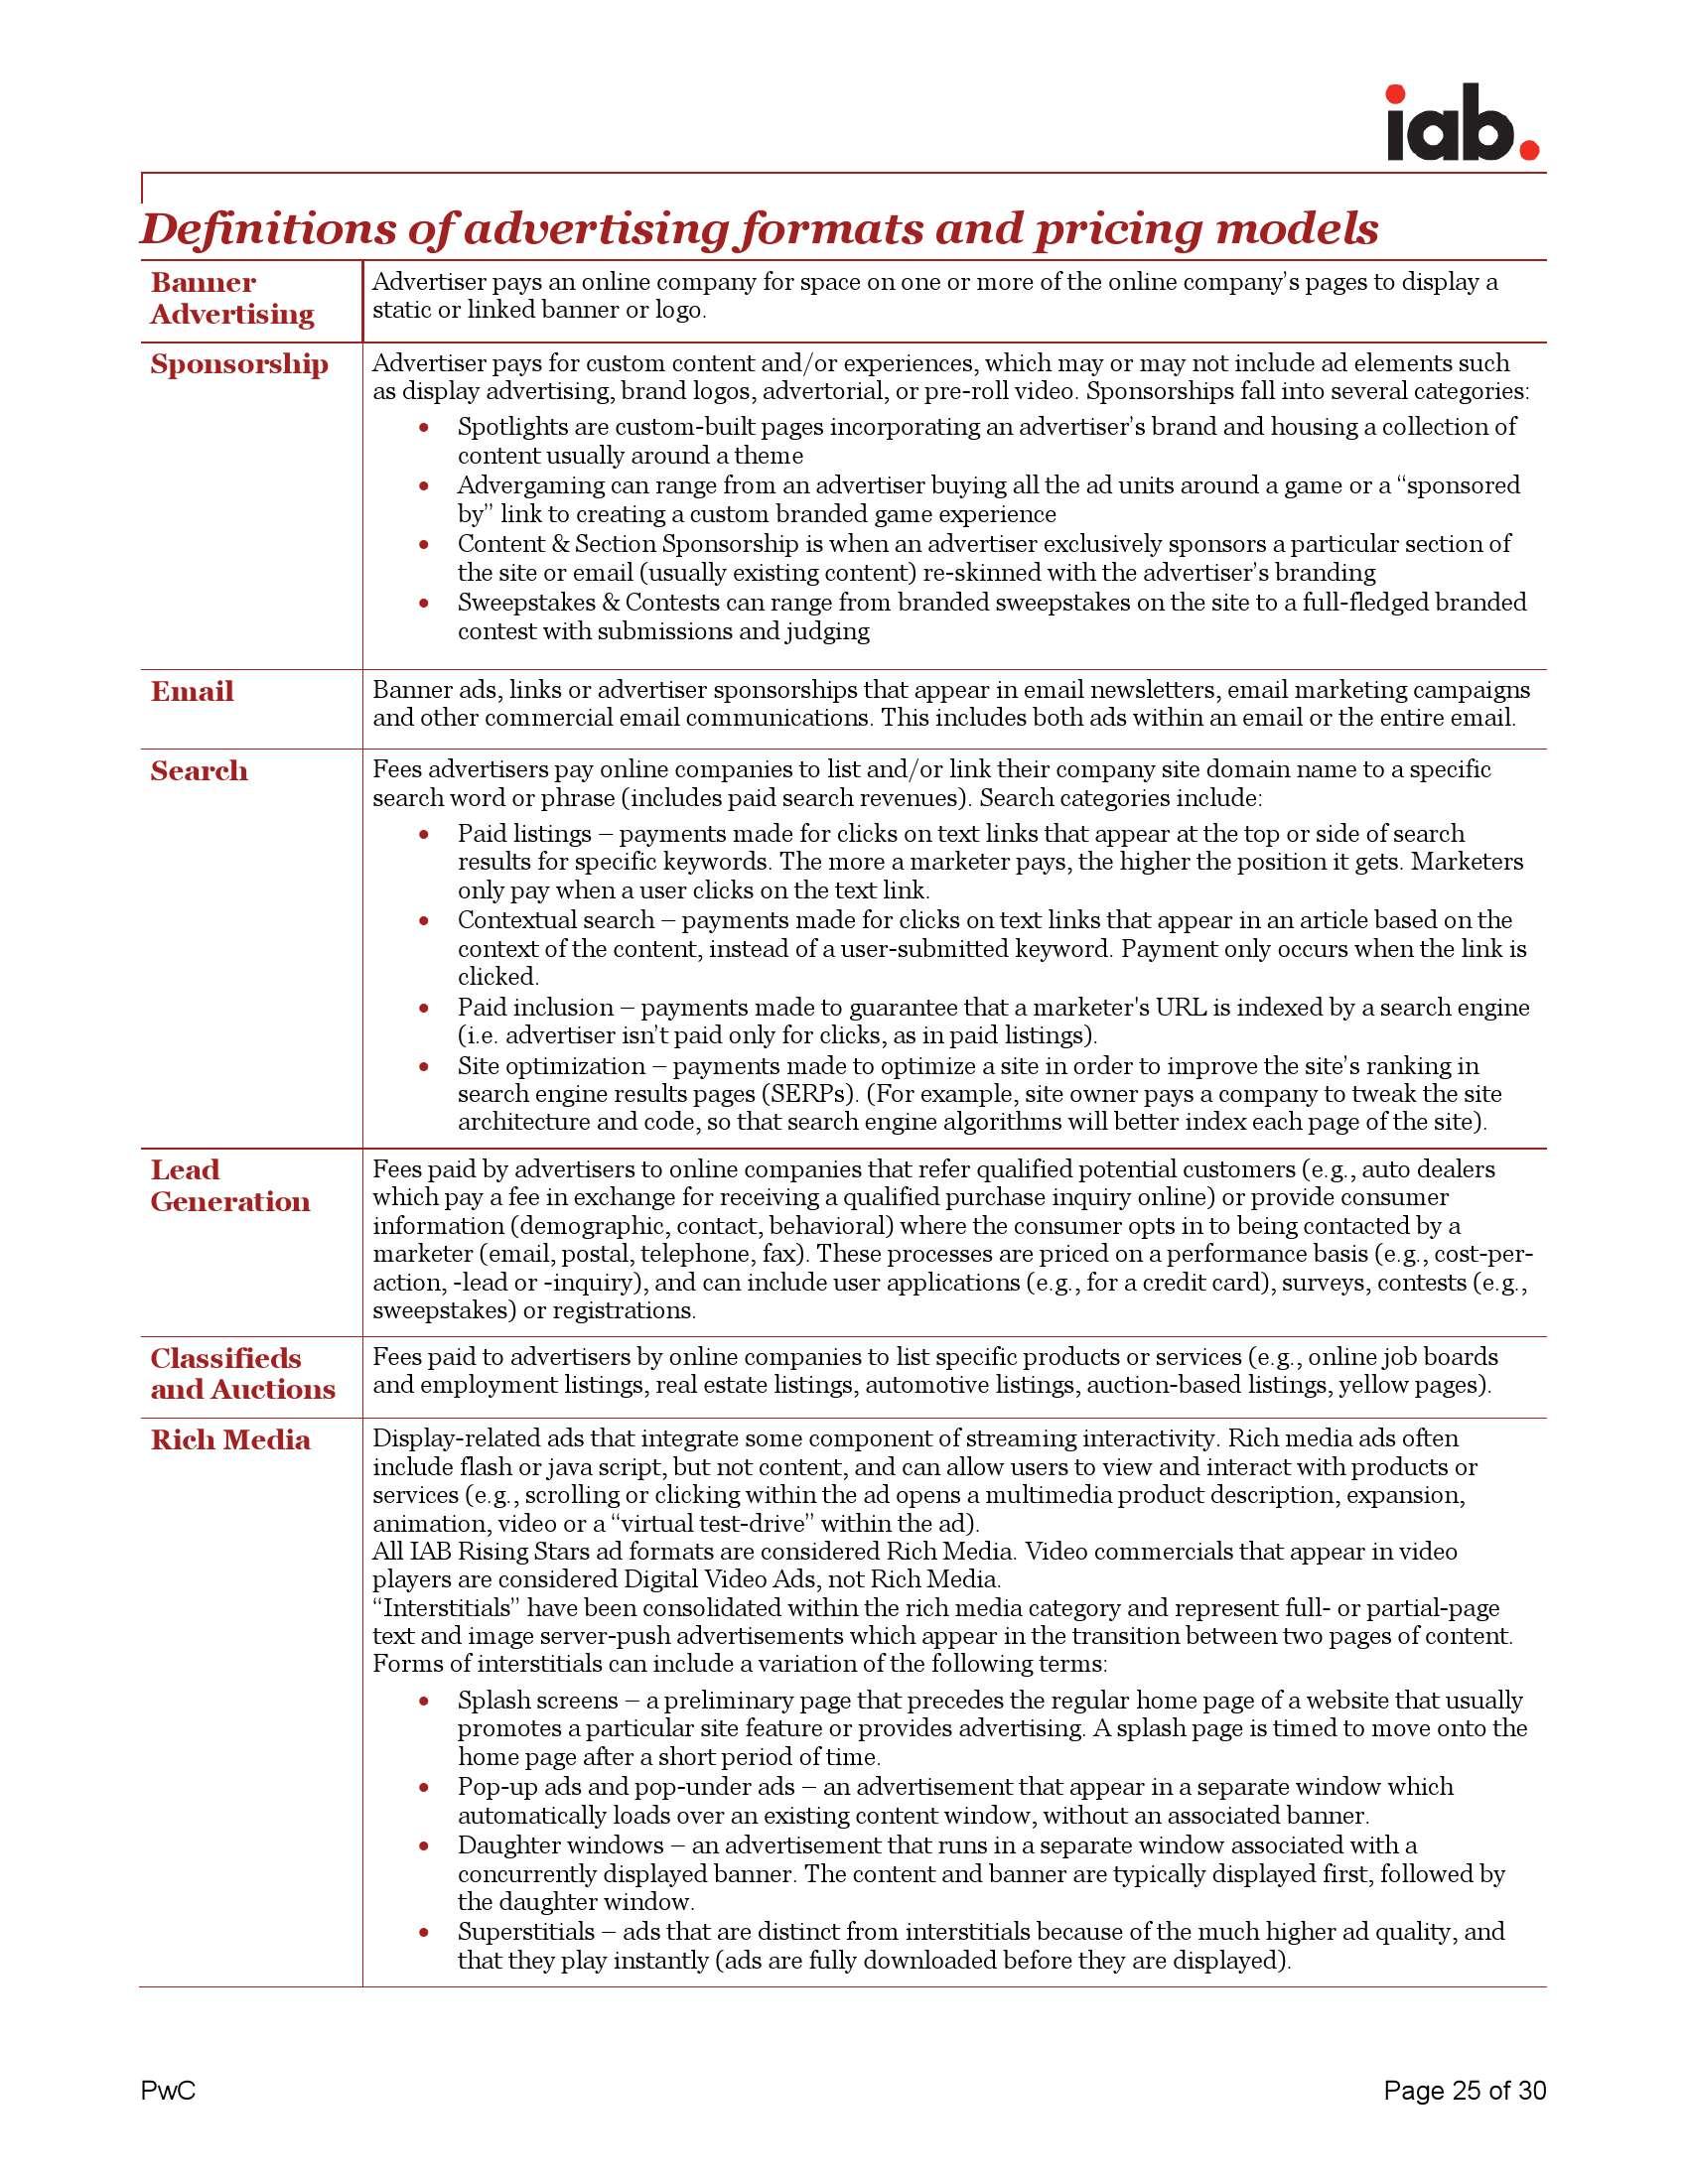 《IAB 互联网广告收入报告》_000025